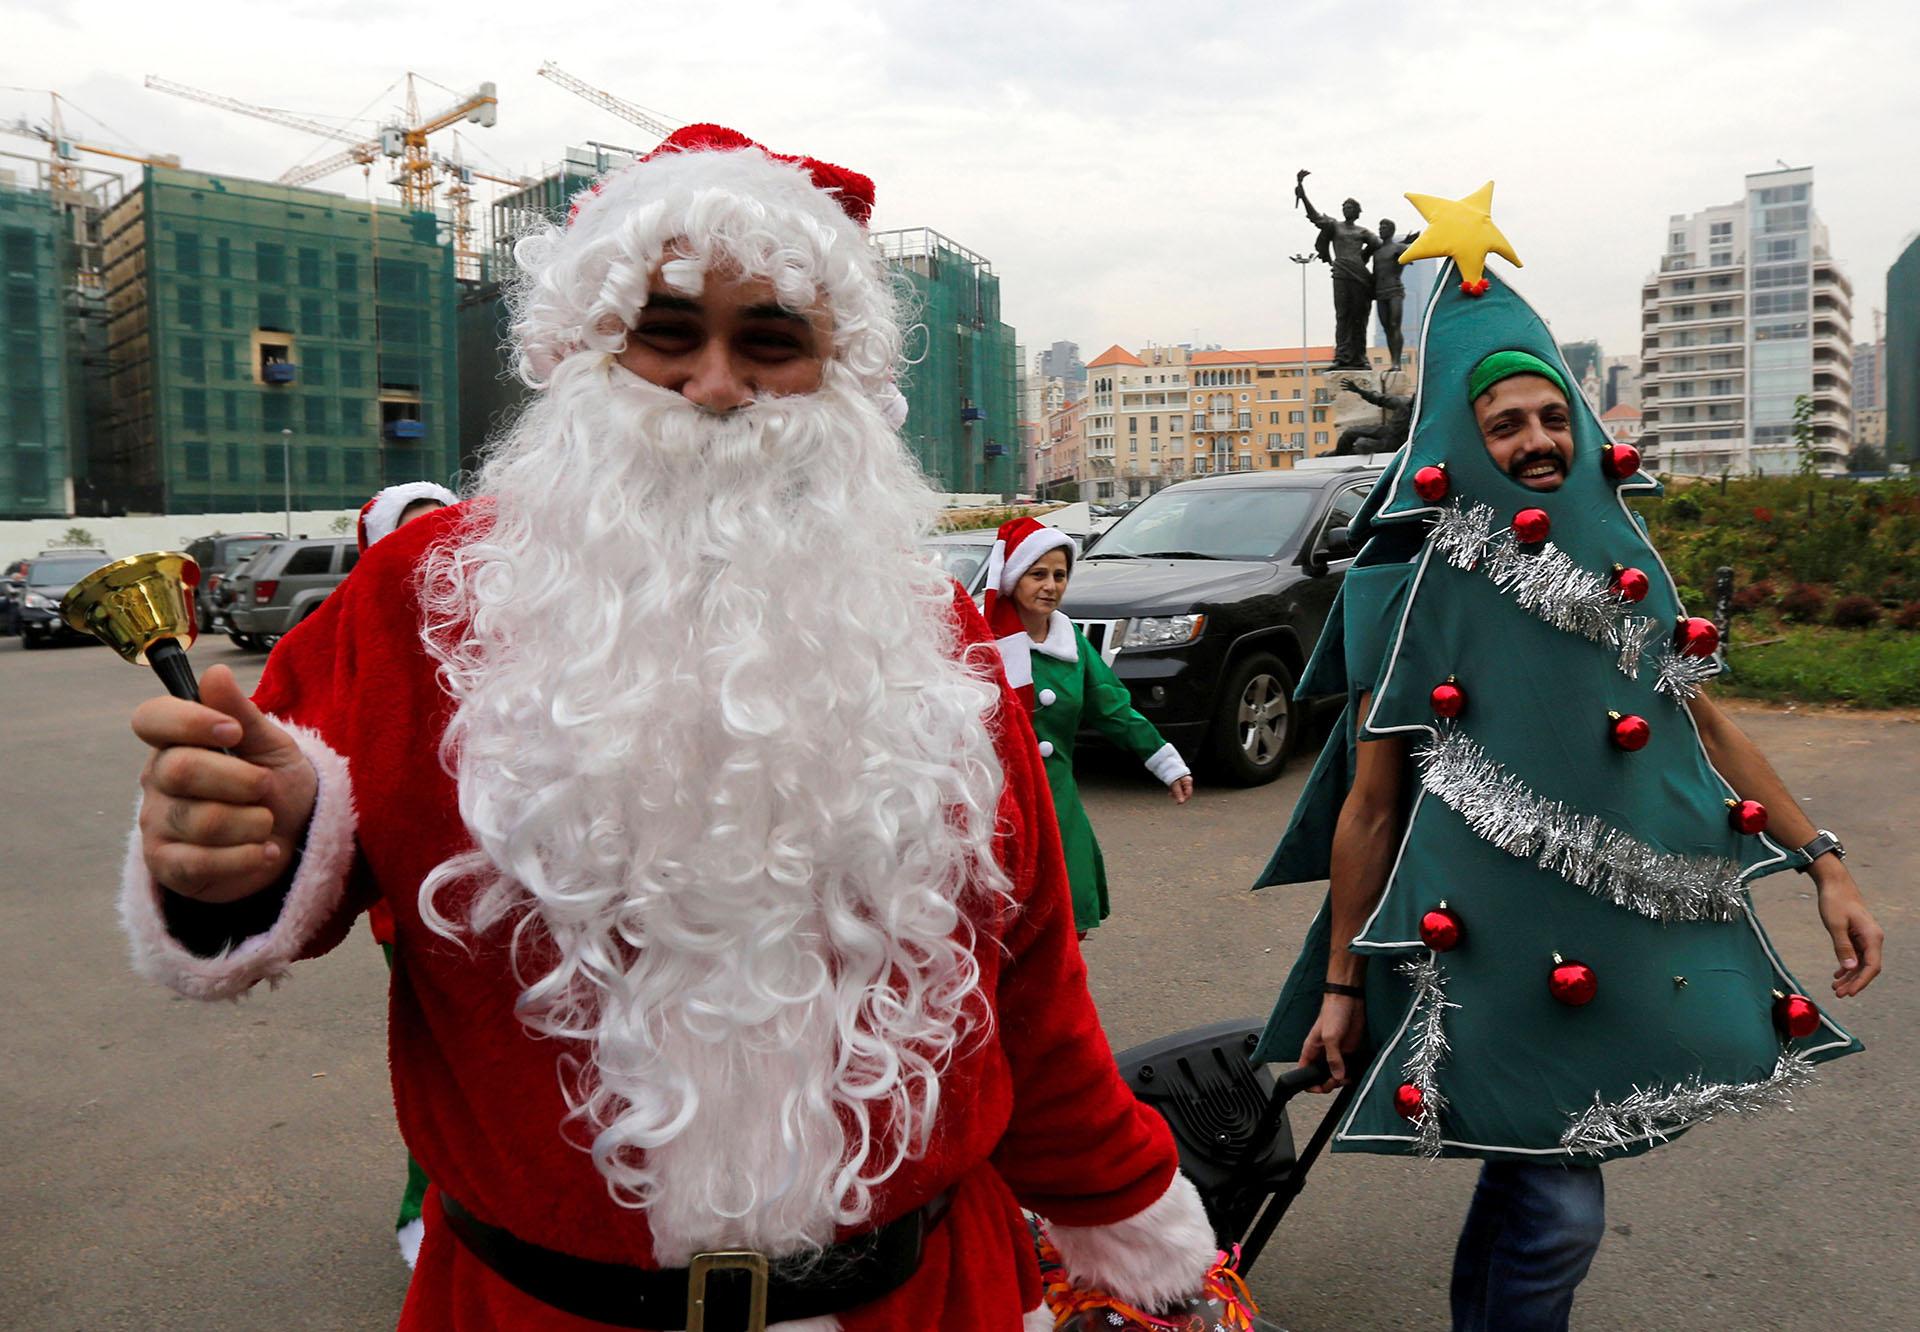 Gente vestida de elfos navideños alrededor de Santa Claus entregando donas en Beirut, Líbano el 20 de diciembre de 2017. (Reuters)